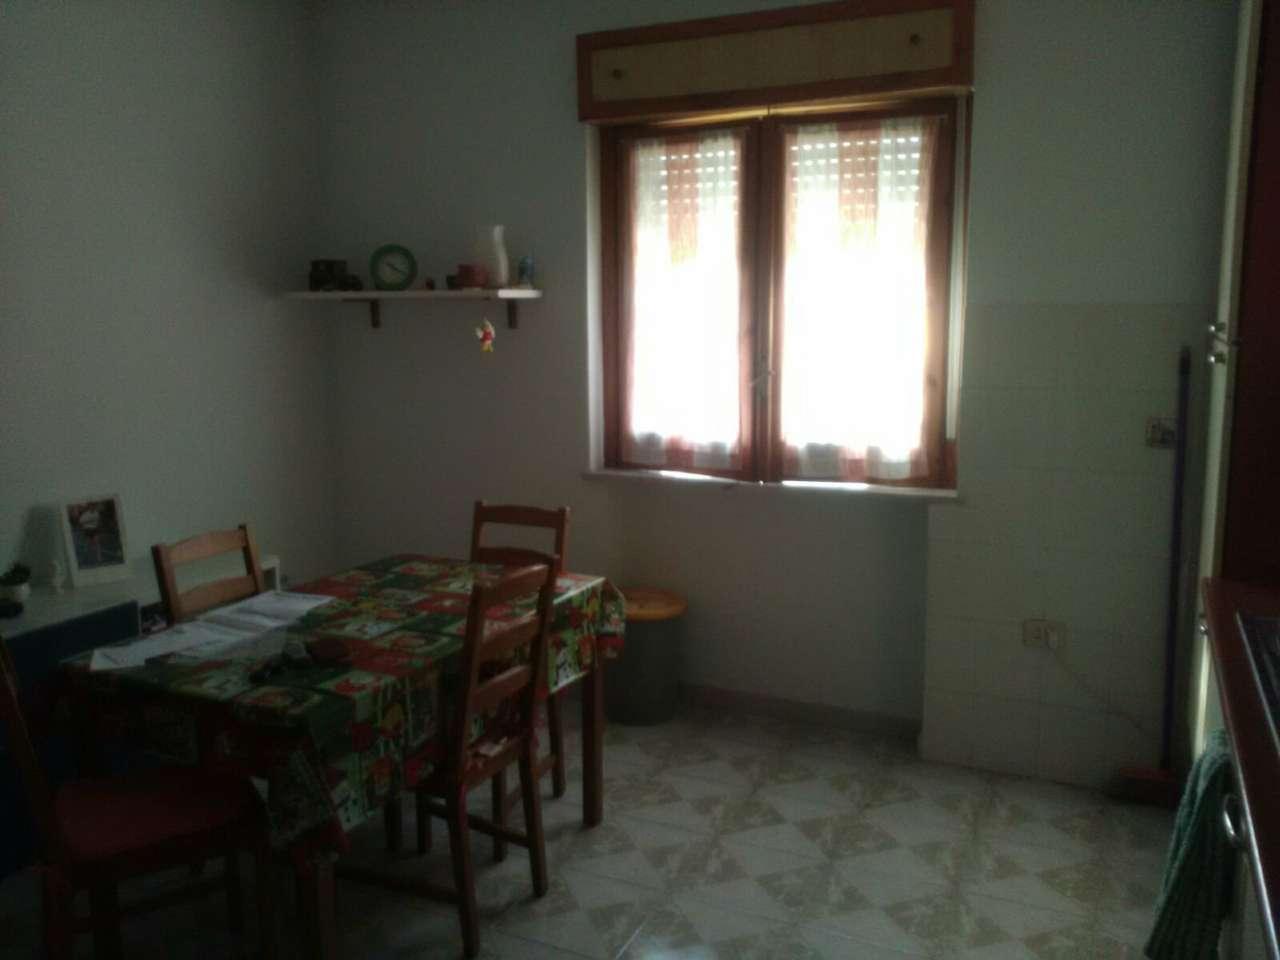 Appartamento in affitto a Villaricca, 3 locali, prezzo € 400 | CambioCasa.it